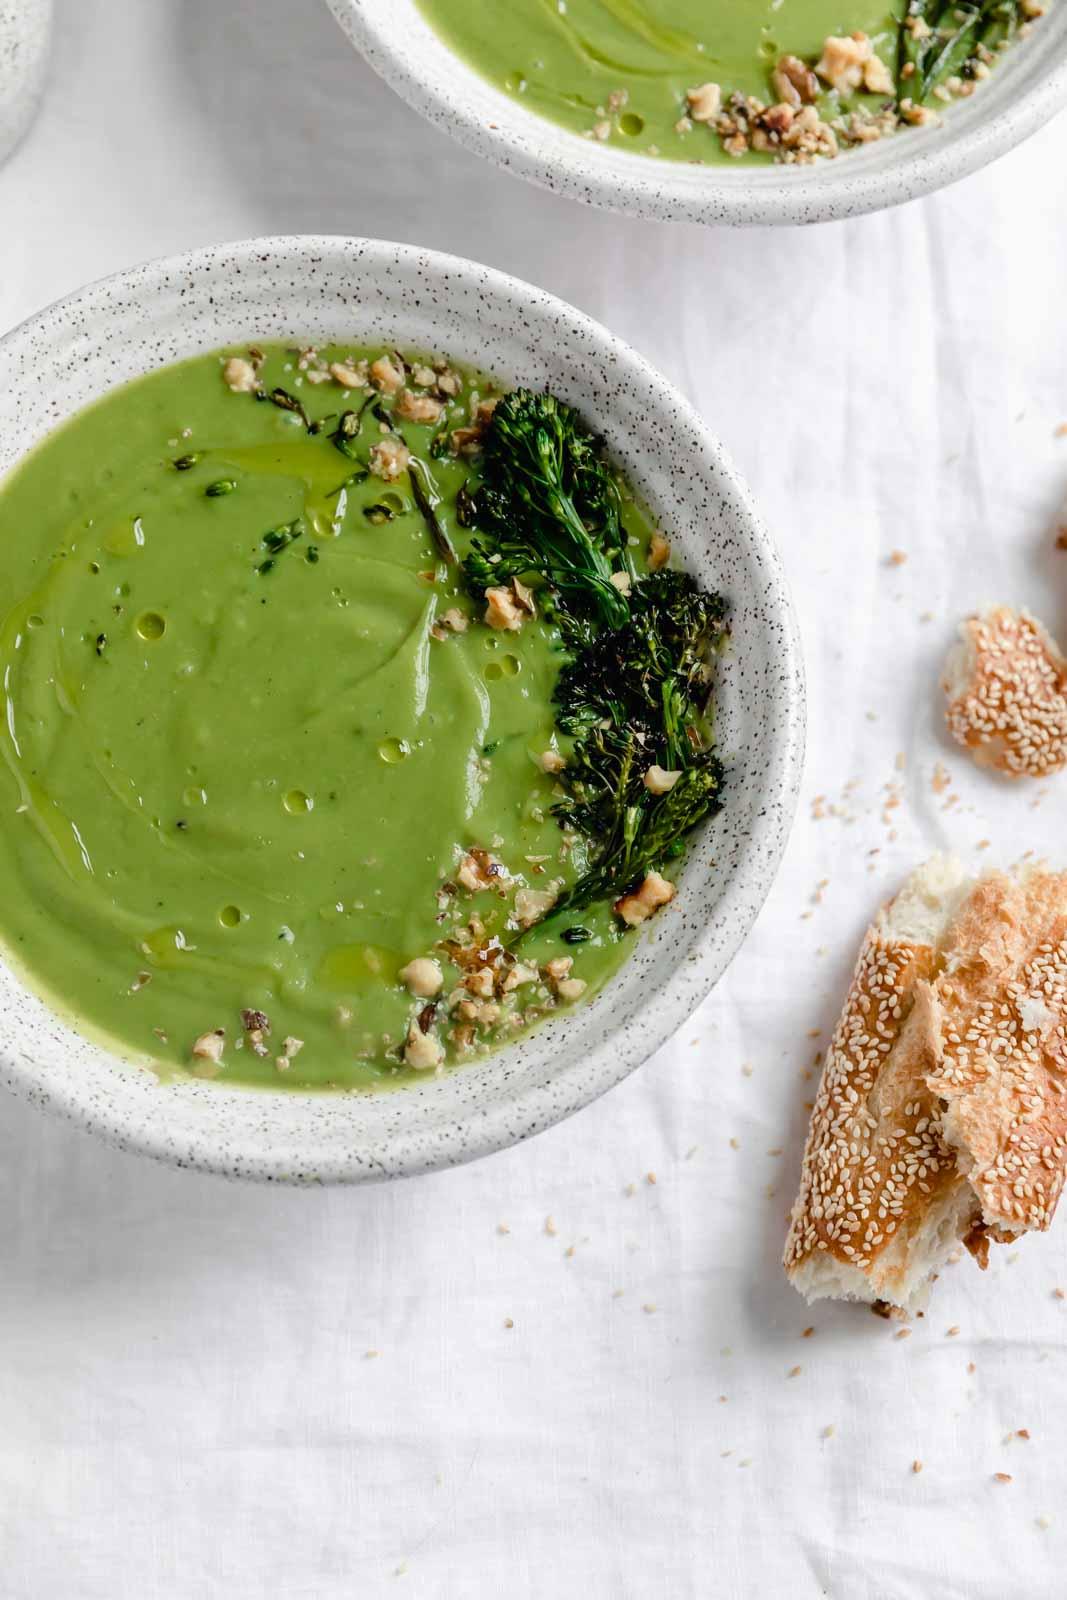 super creamy healthy broccoli soup